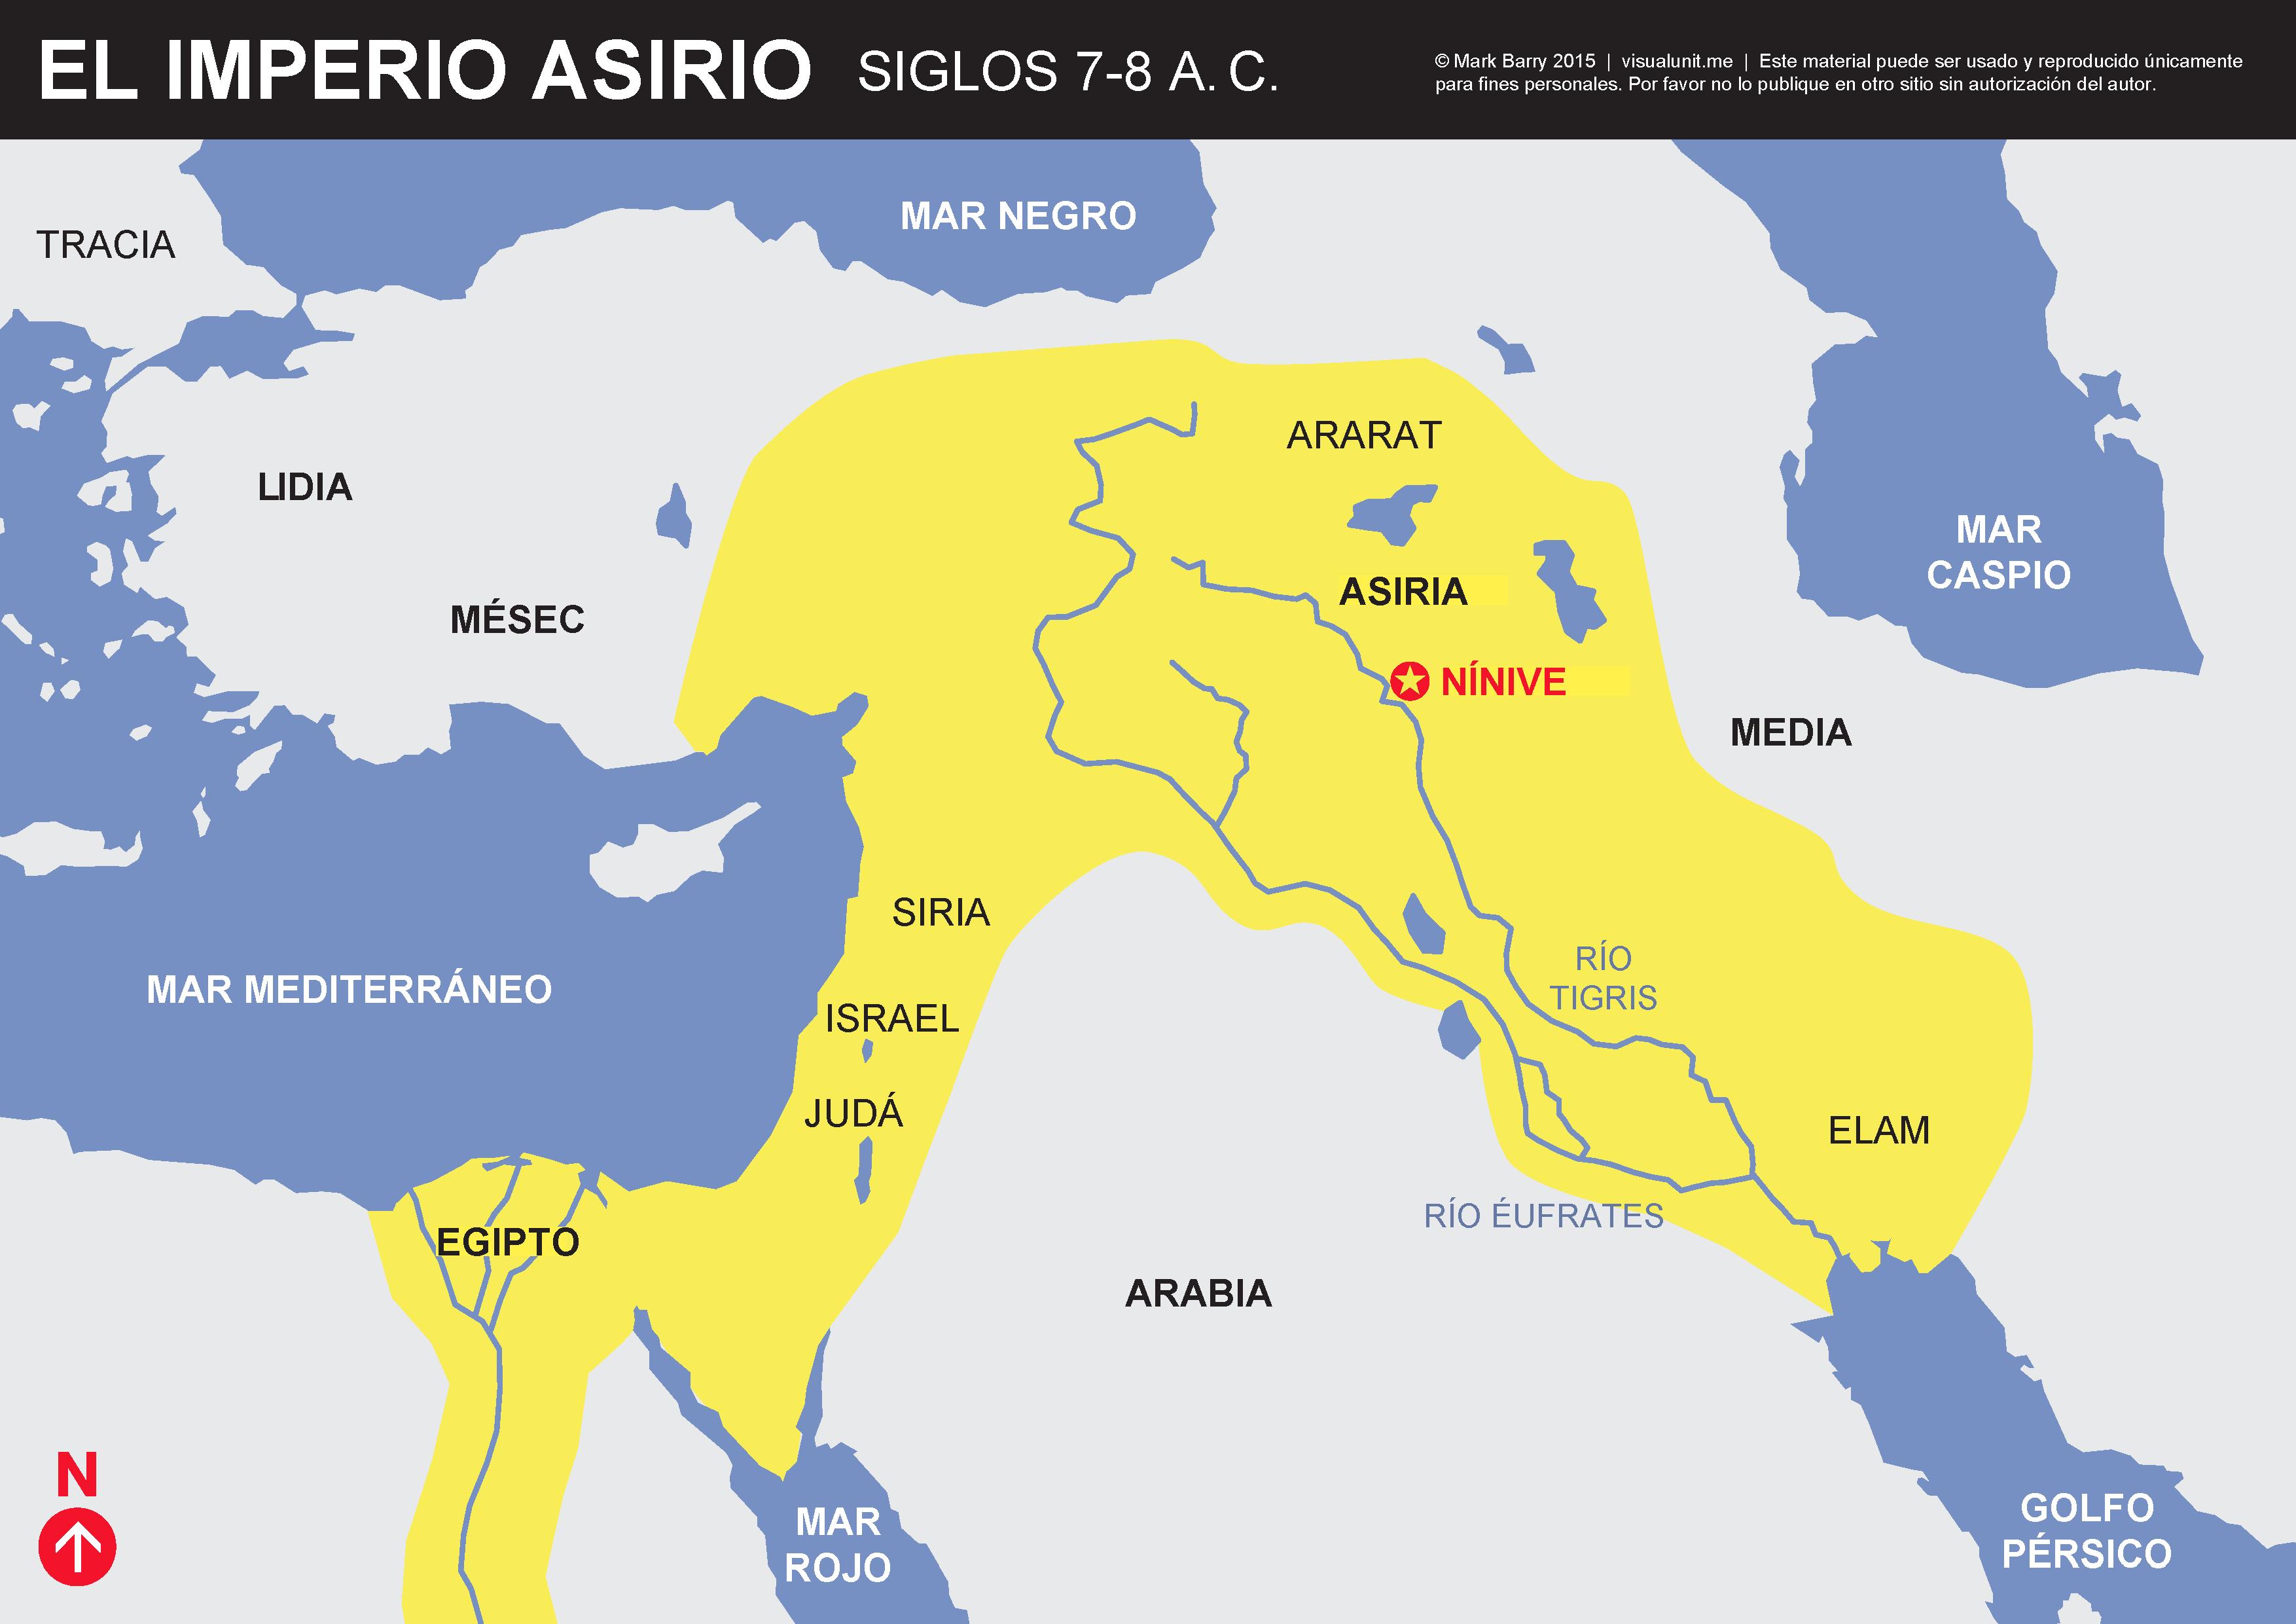 Un Mapa Simplificado Del Imperio Asirio En Los Siglos 7 Y